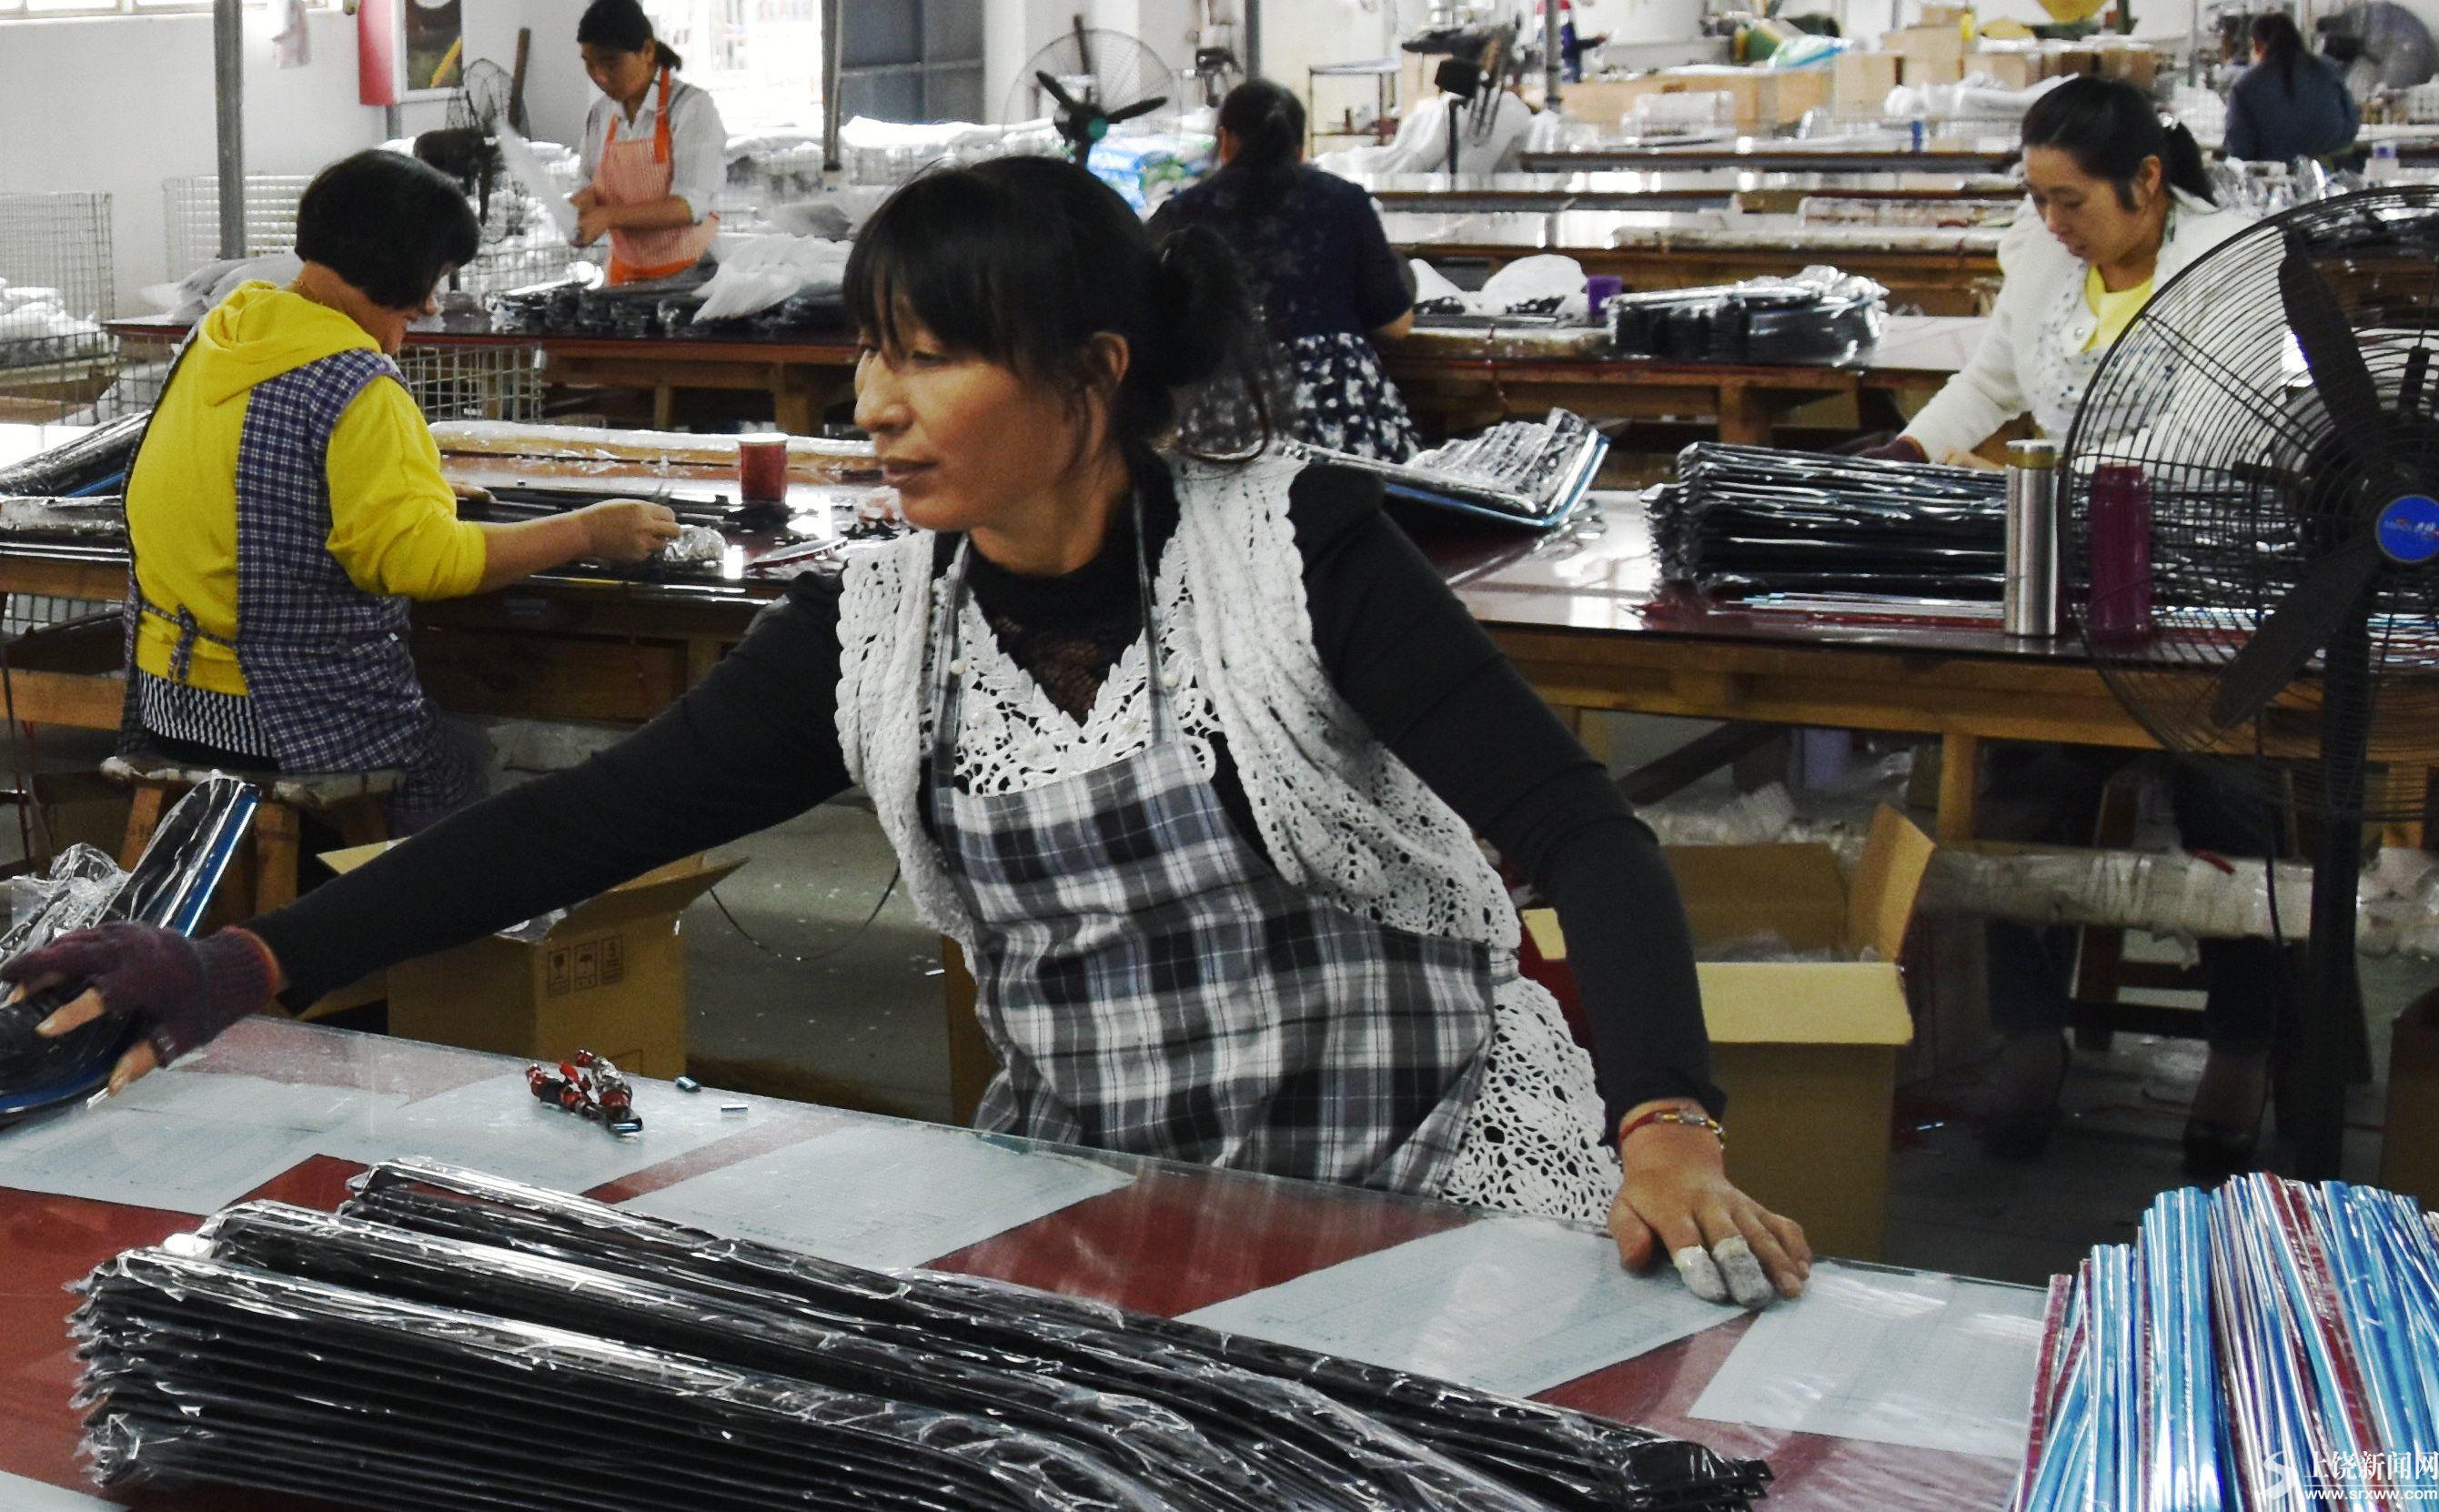 鄱阳县某生产车间的工人们正在有序生产